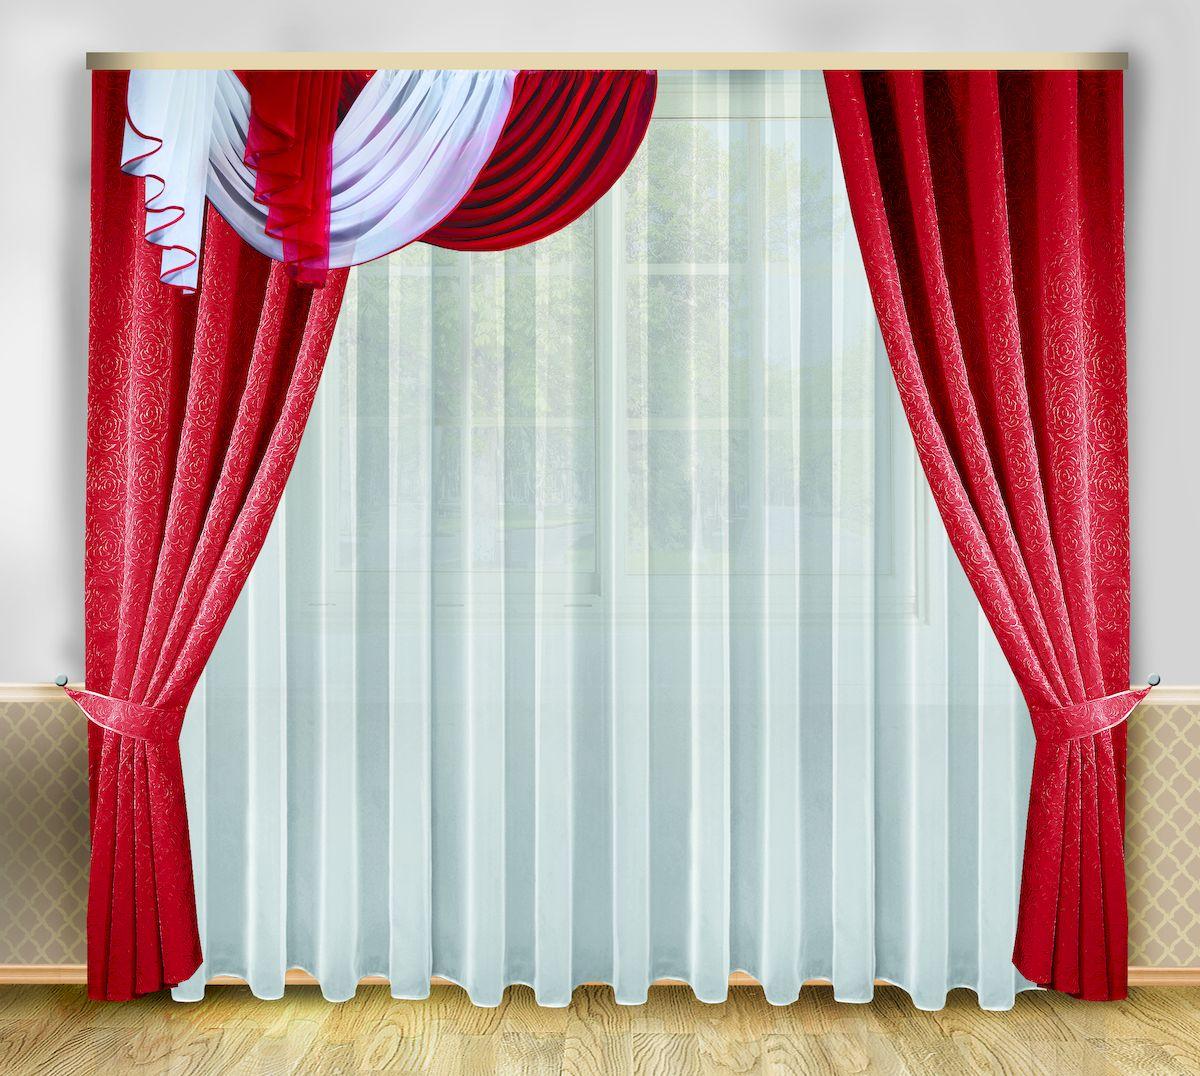 Комплект штор Zlata Korunka, на ленте, цвет: бордовый, белый, высота 250 см. 6662666626Роскошный комплект штор Zlata Korunka, выполненный из полиэстера, великолепно украсит любое окно. Комплект состоит из тюля, ламбрекена, двух штор и двух подхватов. Изящный узор и приятная цветовая гамма привлекут к себе внимание и органично впишутся в интерьер помещения. Этот комплект будет долгое время радовать вас и вашу семью!Комплект крепится на карниз при помощи ленты, которая поможет красиво и равномерно задрапировать верх.В комплект входит: Тюль: 1 шт. Размер (Ш х В): 400 см х 250 см. Ламбрекен: 1 шт. Размер (Ш х В): 200 см х 40 см. Штора: 2 шт. Размер (Ш х В): 138 см х 250 см.Подхват: 2 шт.